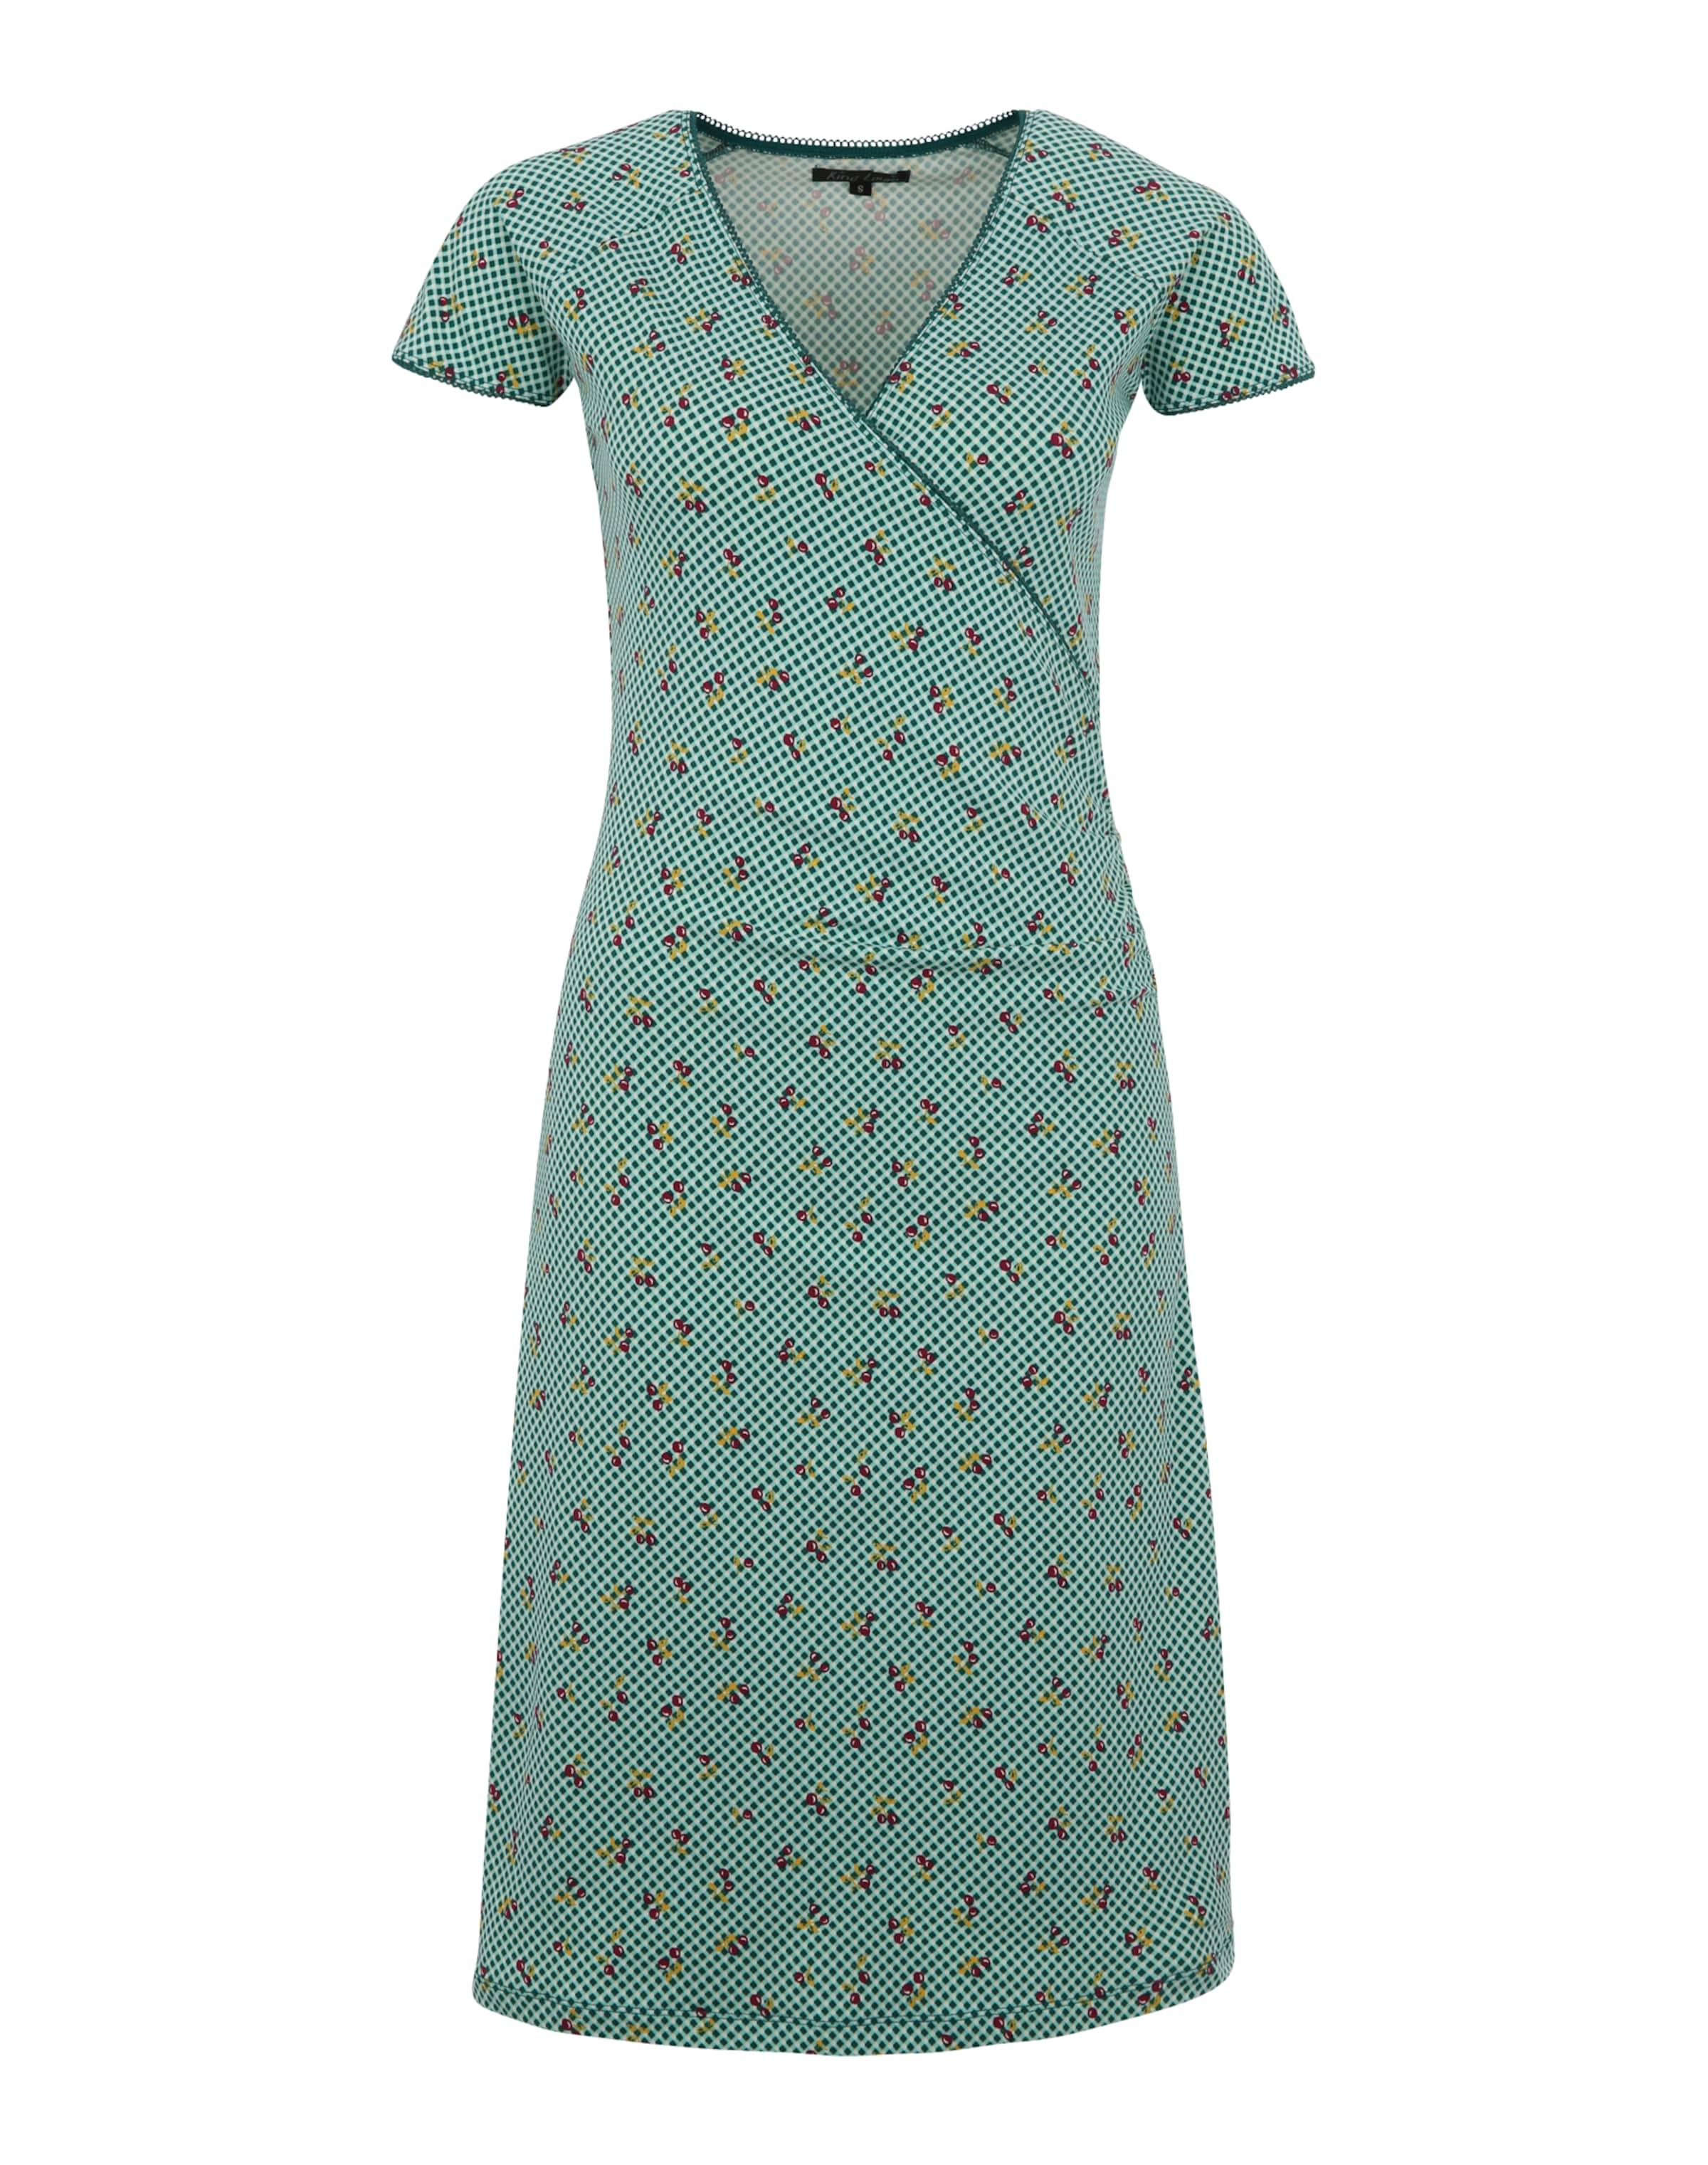 King Louie Jerseykleid Billig Verkauf Neueste Günstigsten Preis 4HUEtBIS